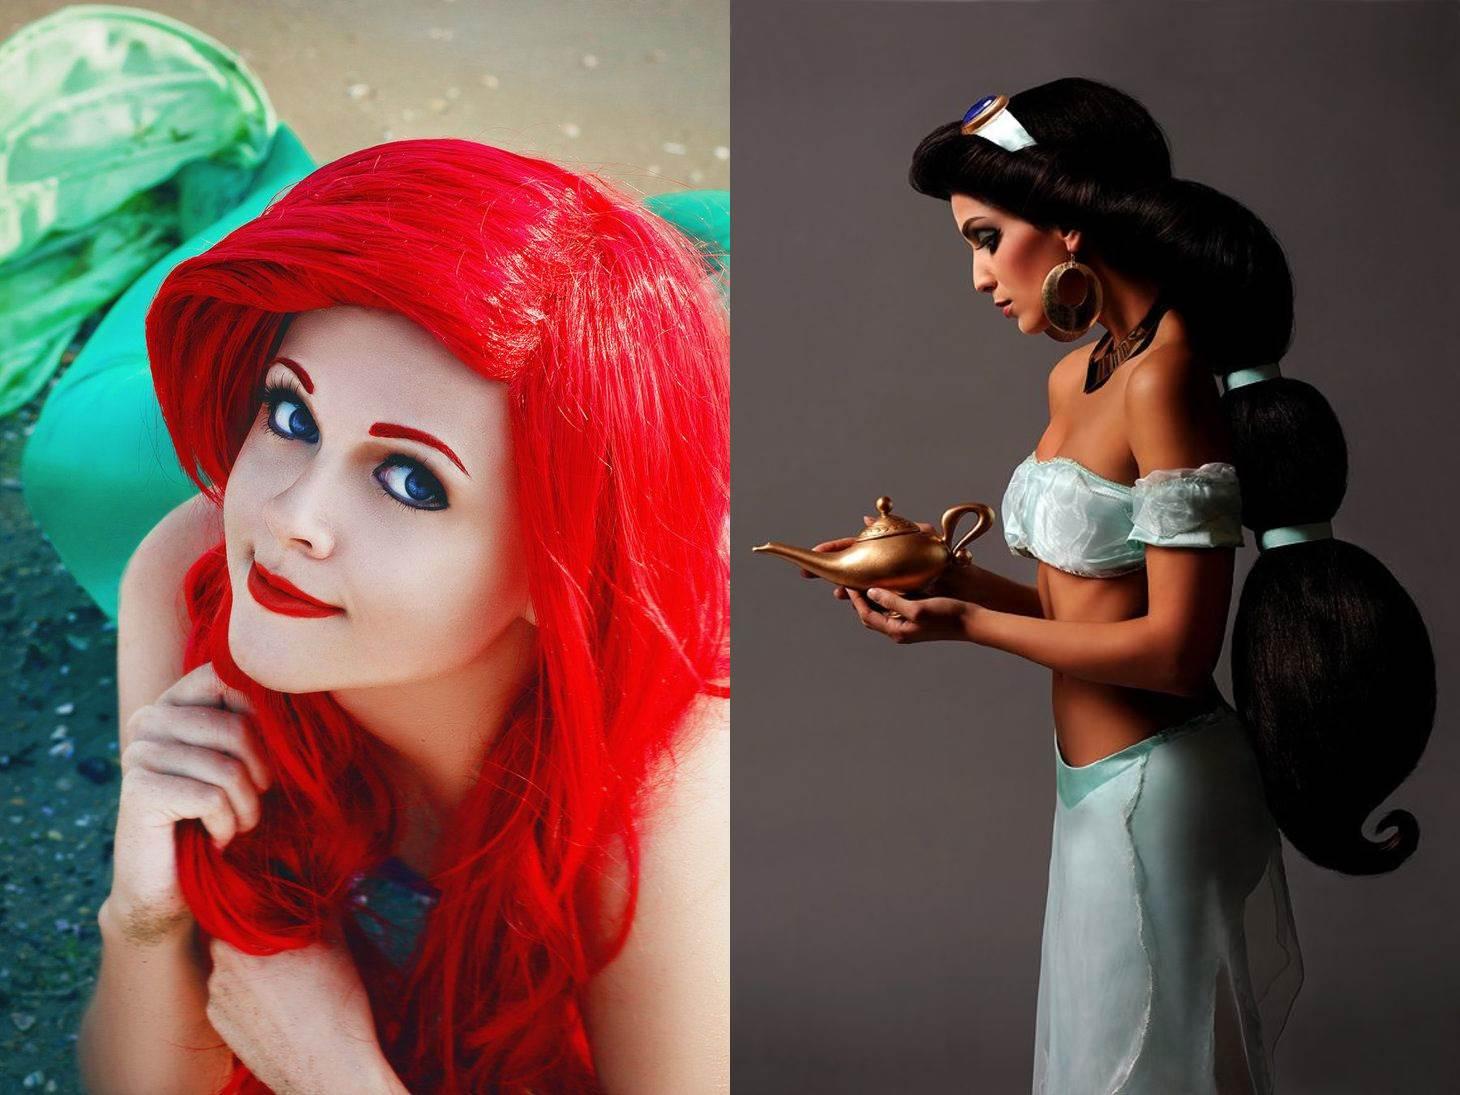 Красивый косплей с девушками на сказочных персонажей (18 фото)